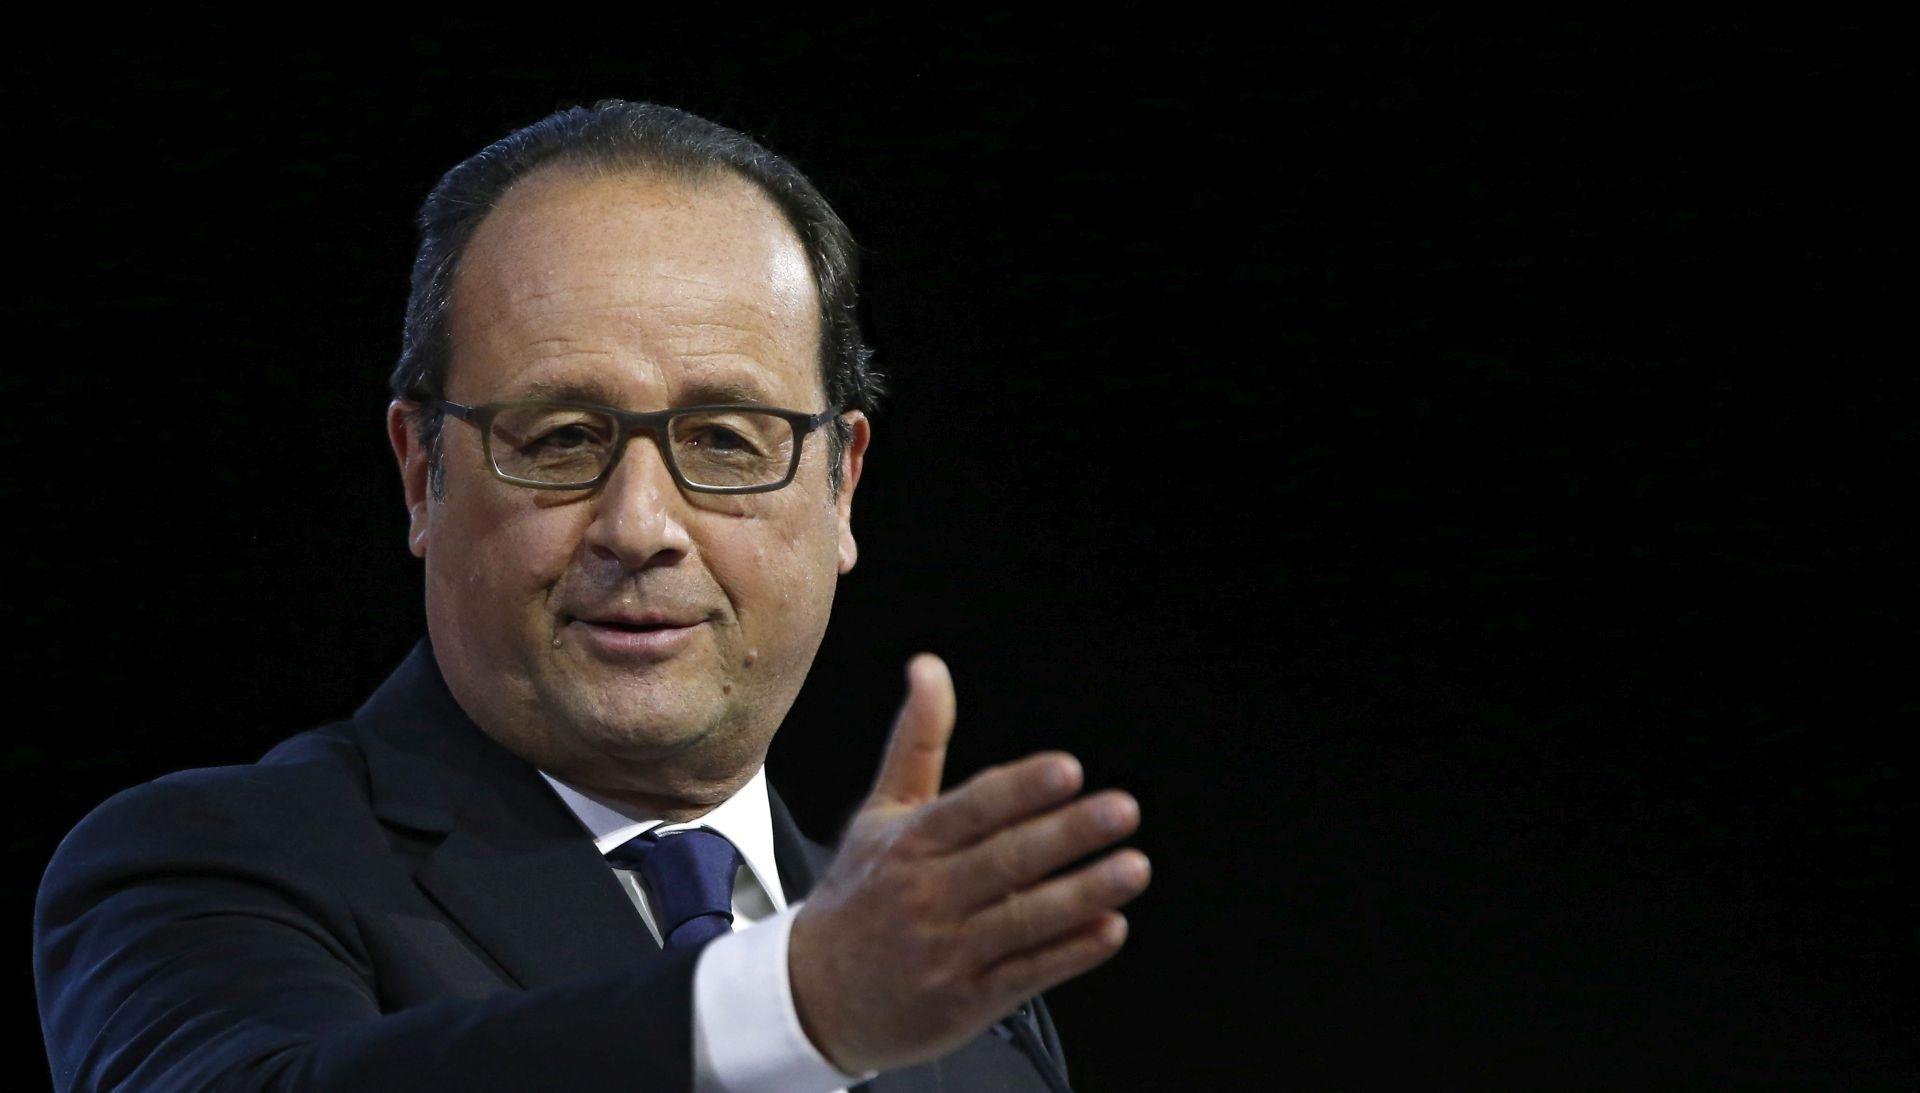 Hollande: Ne možemo više i nećemo trpjeti izbjegličke kampove